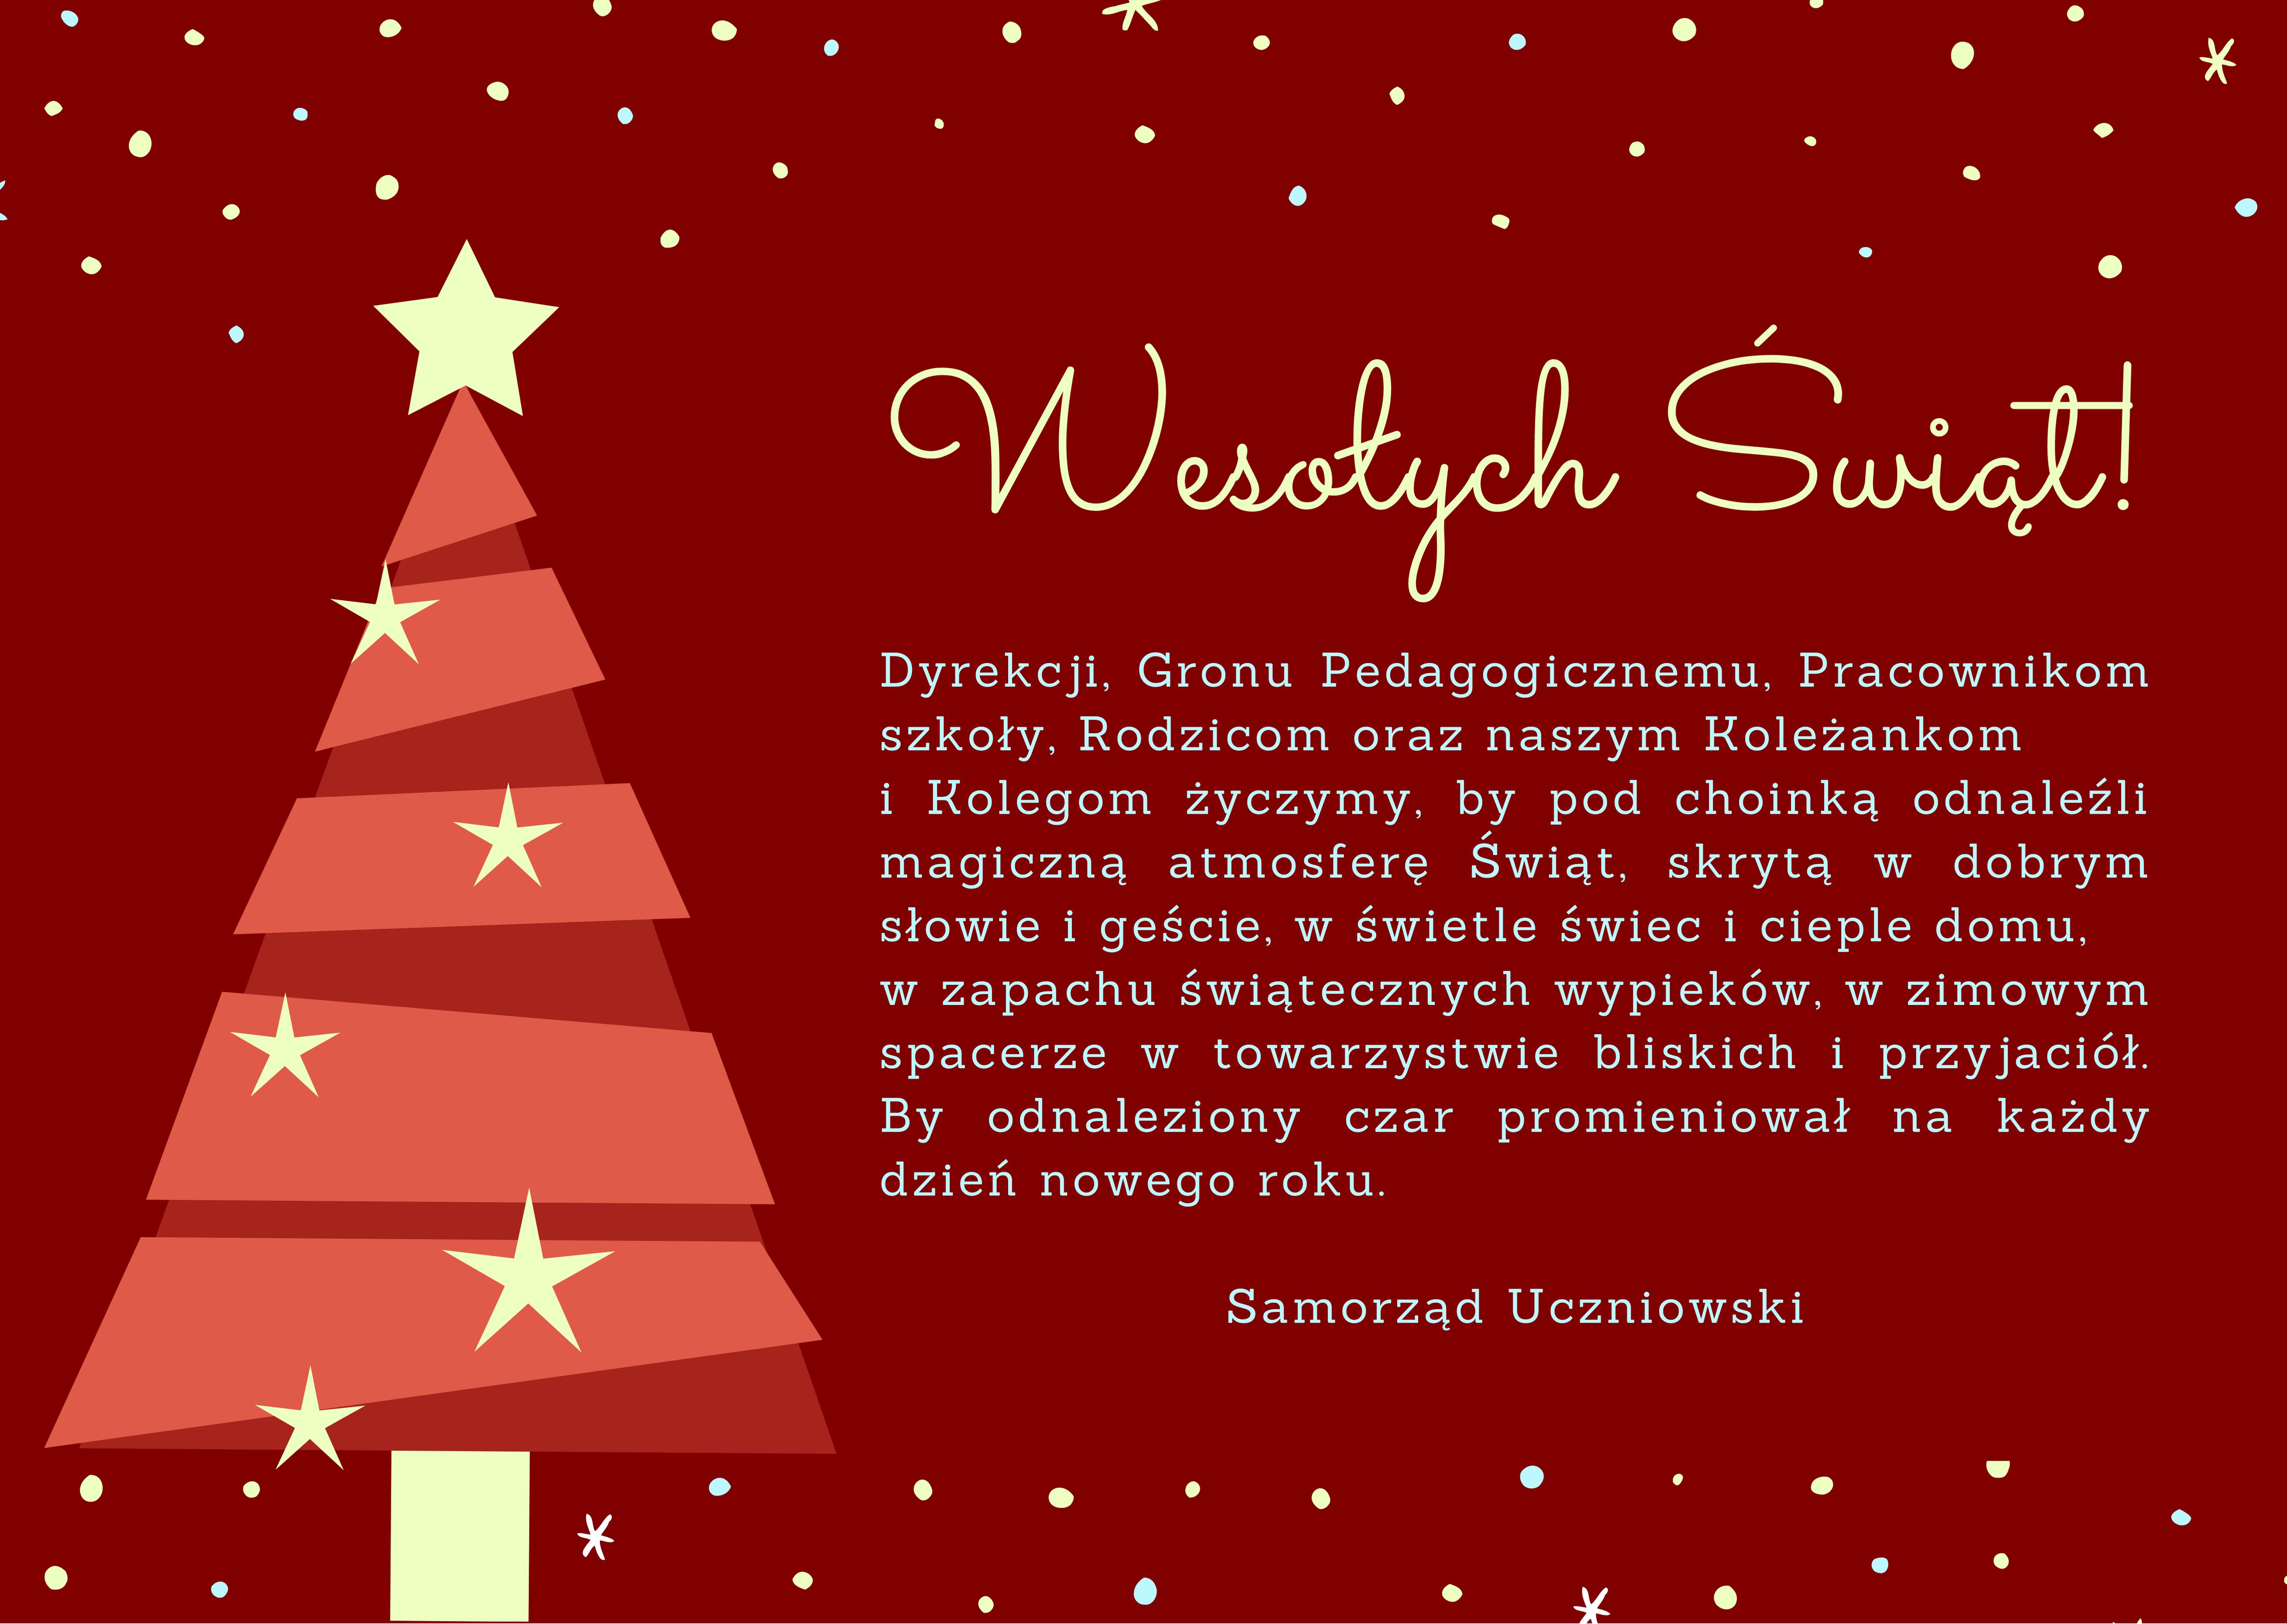 Życzenia od Samorządu Uczniowskiego 2020